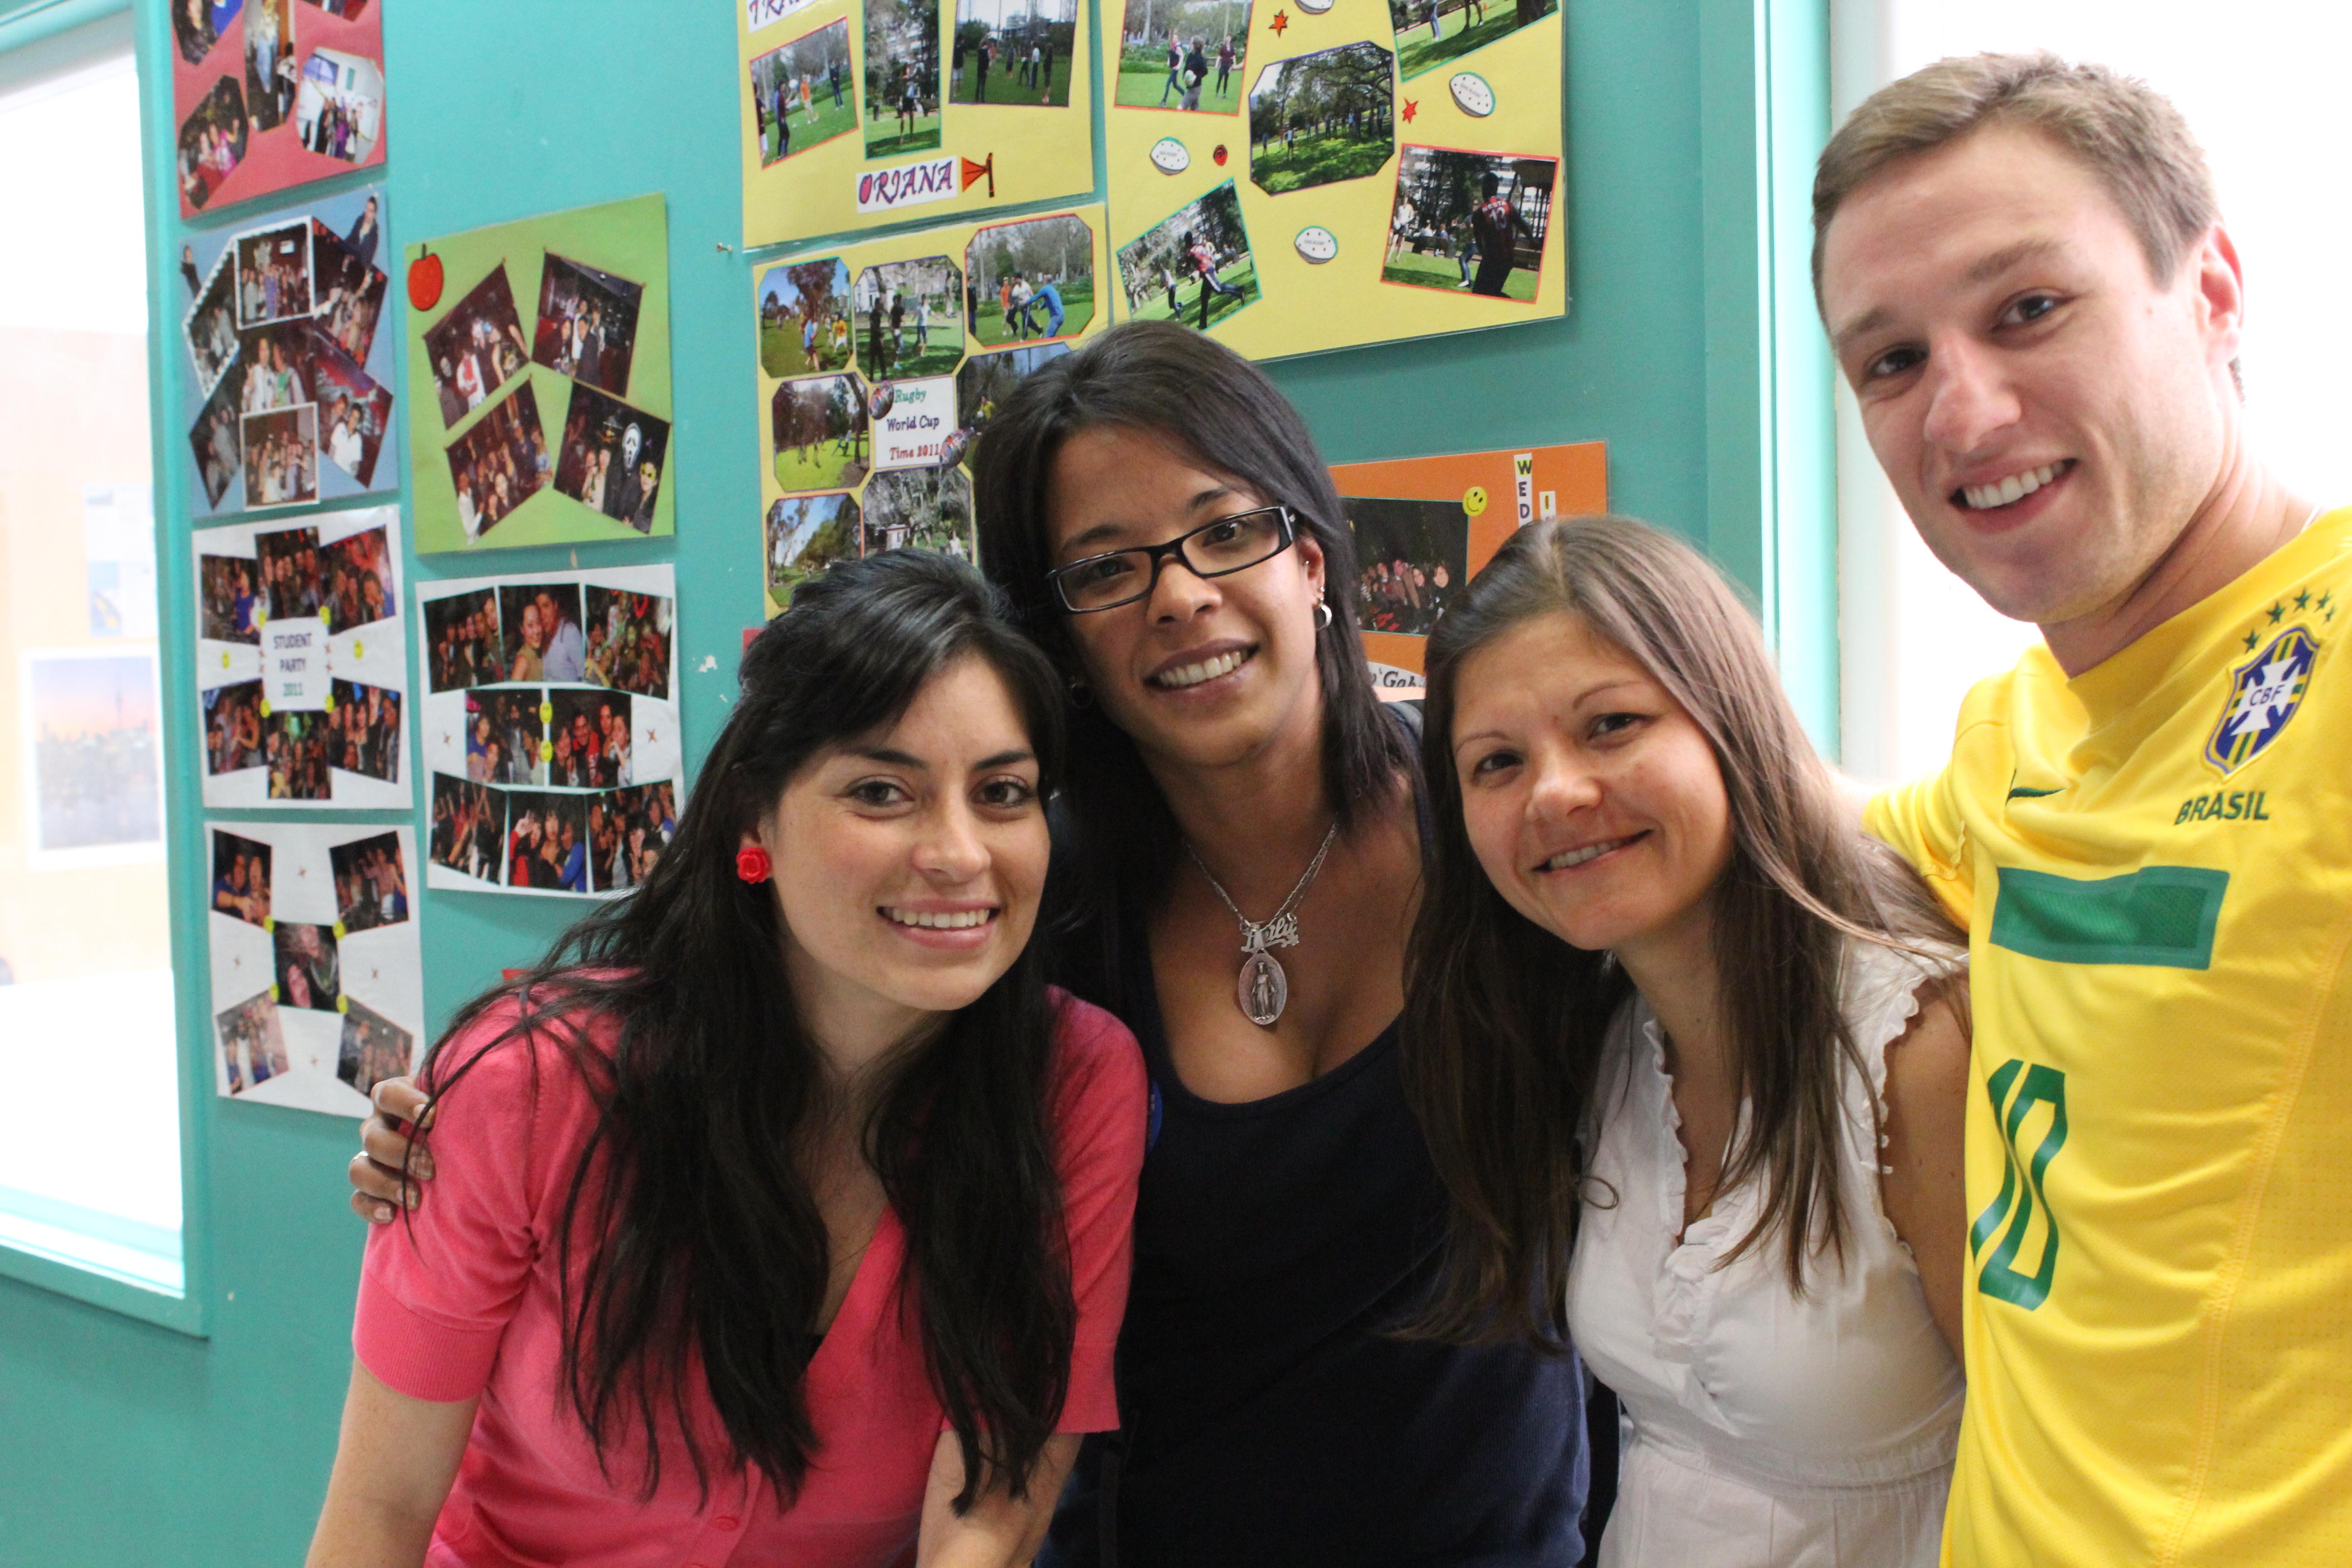 Queens Academic Group— курсы английского и подготовка к экзамену IELTS